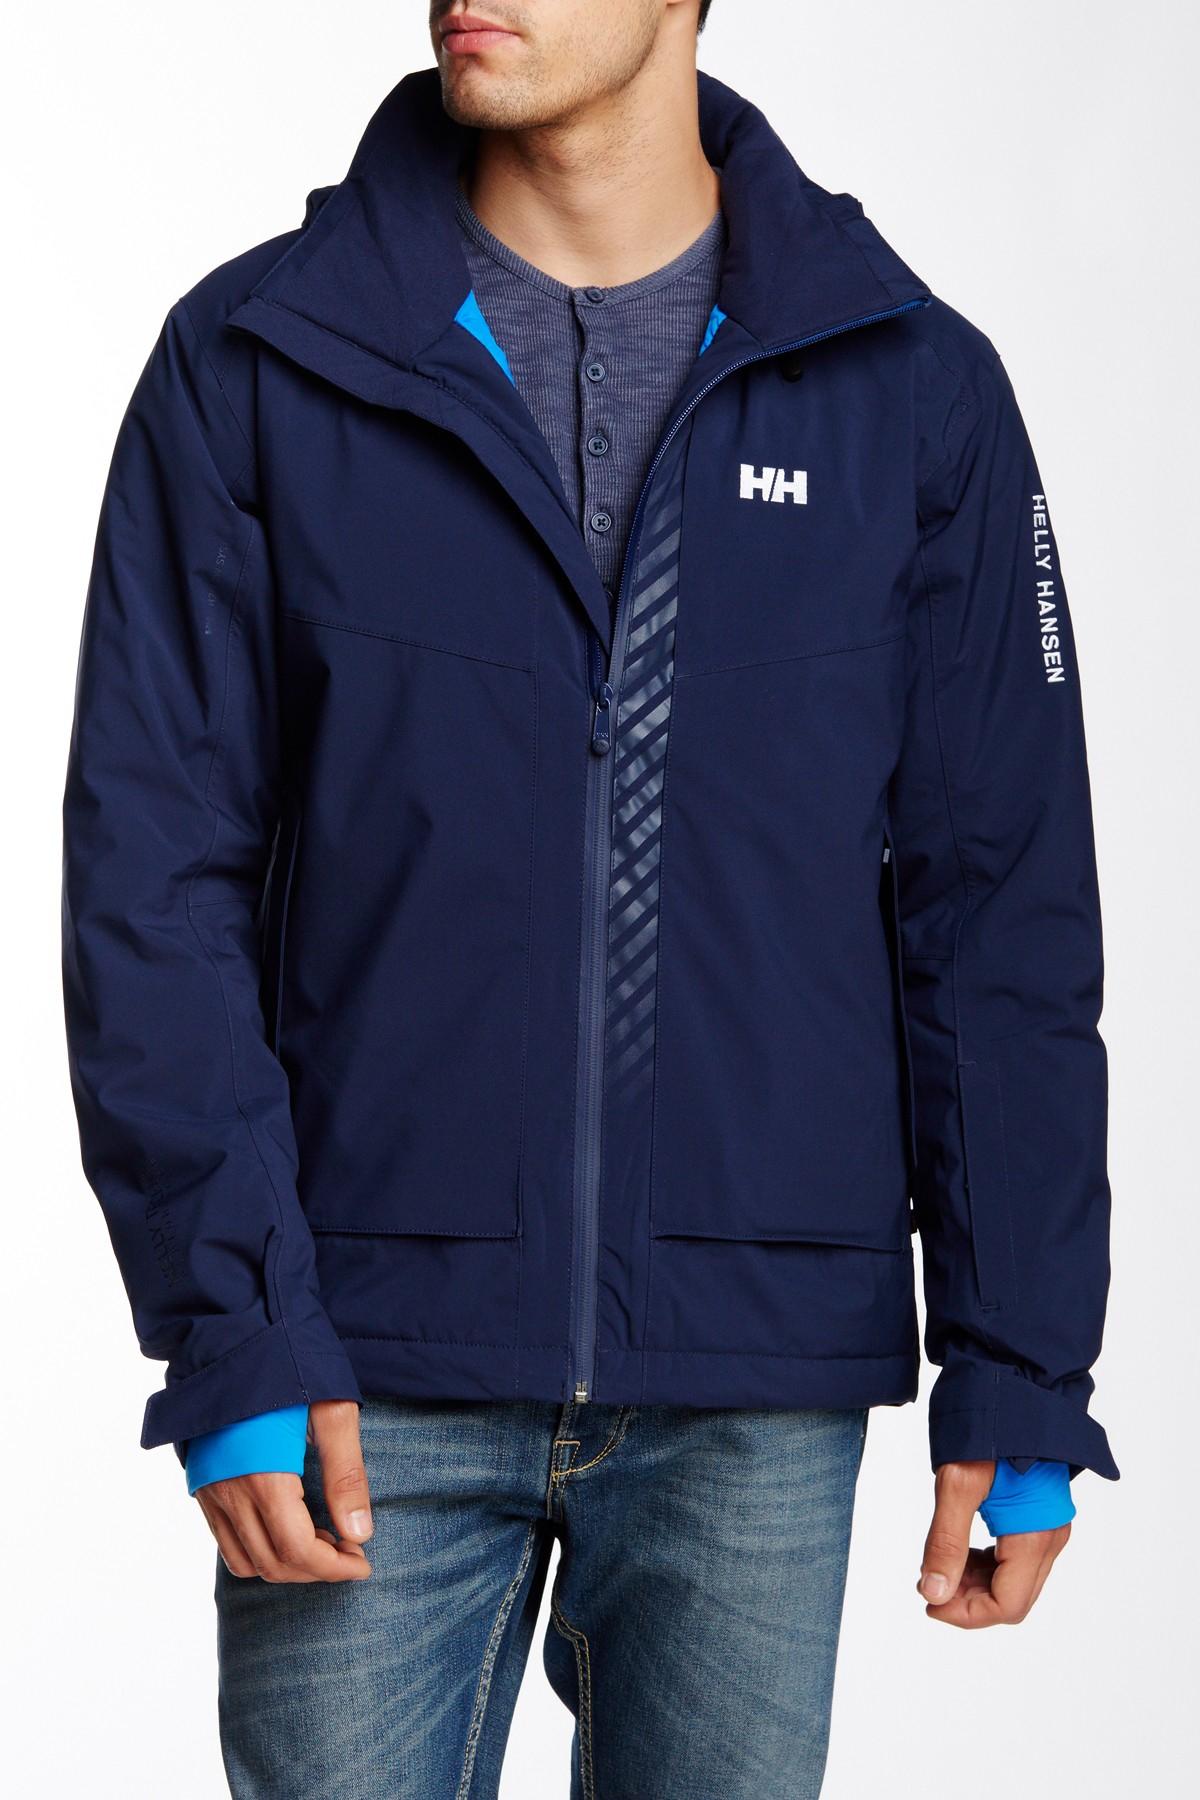 Lyst - Helly Hansen Swift 2 Jacket in Blue for Men 9ff0dd81be